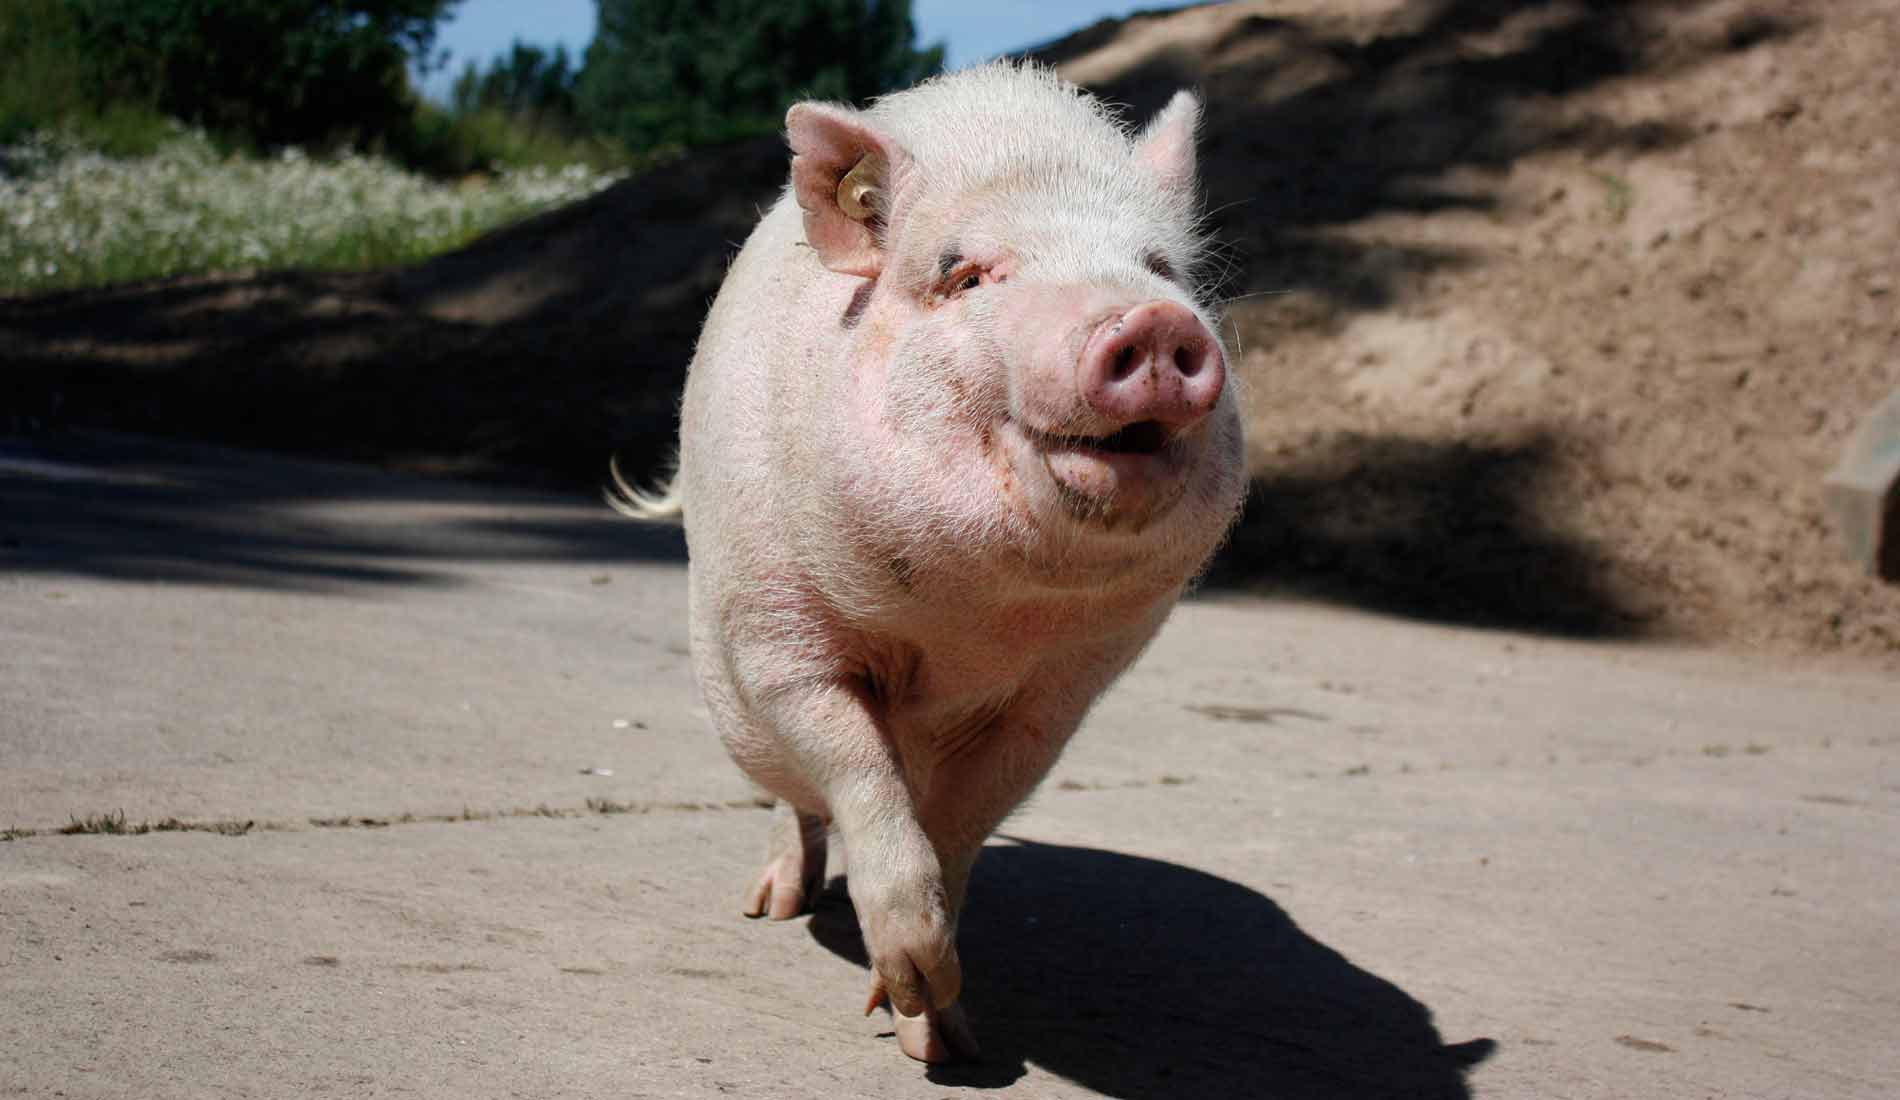 Im Tierschutzzentrum Weidefeld geben wir Tieren wie Herr Bert ein artgerechtes Zuhause. Helfen Sie mit: Werden Sie Projektpate!